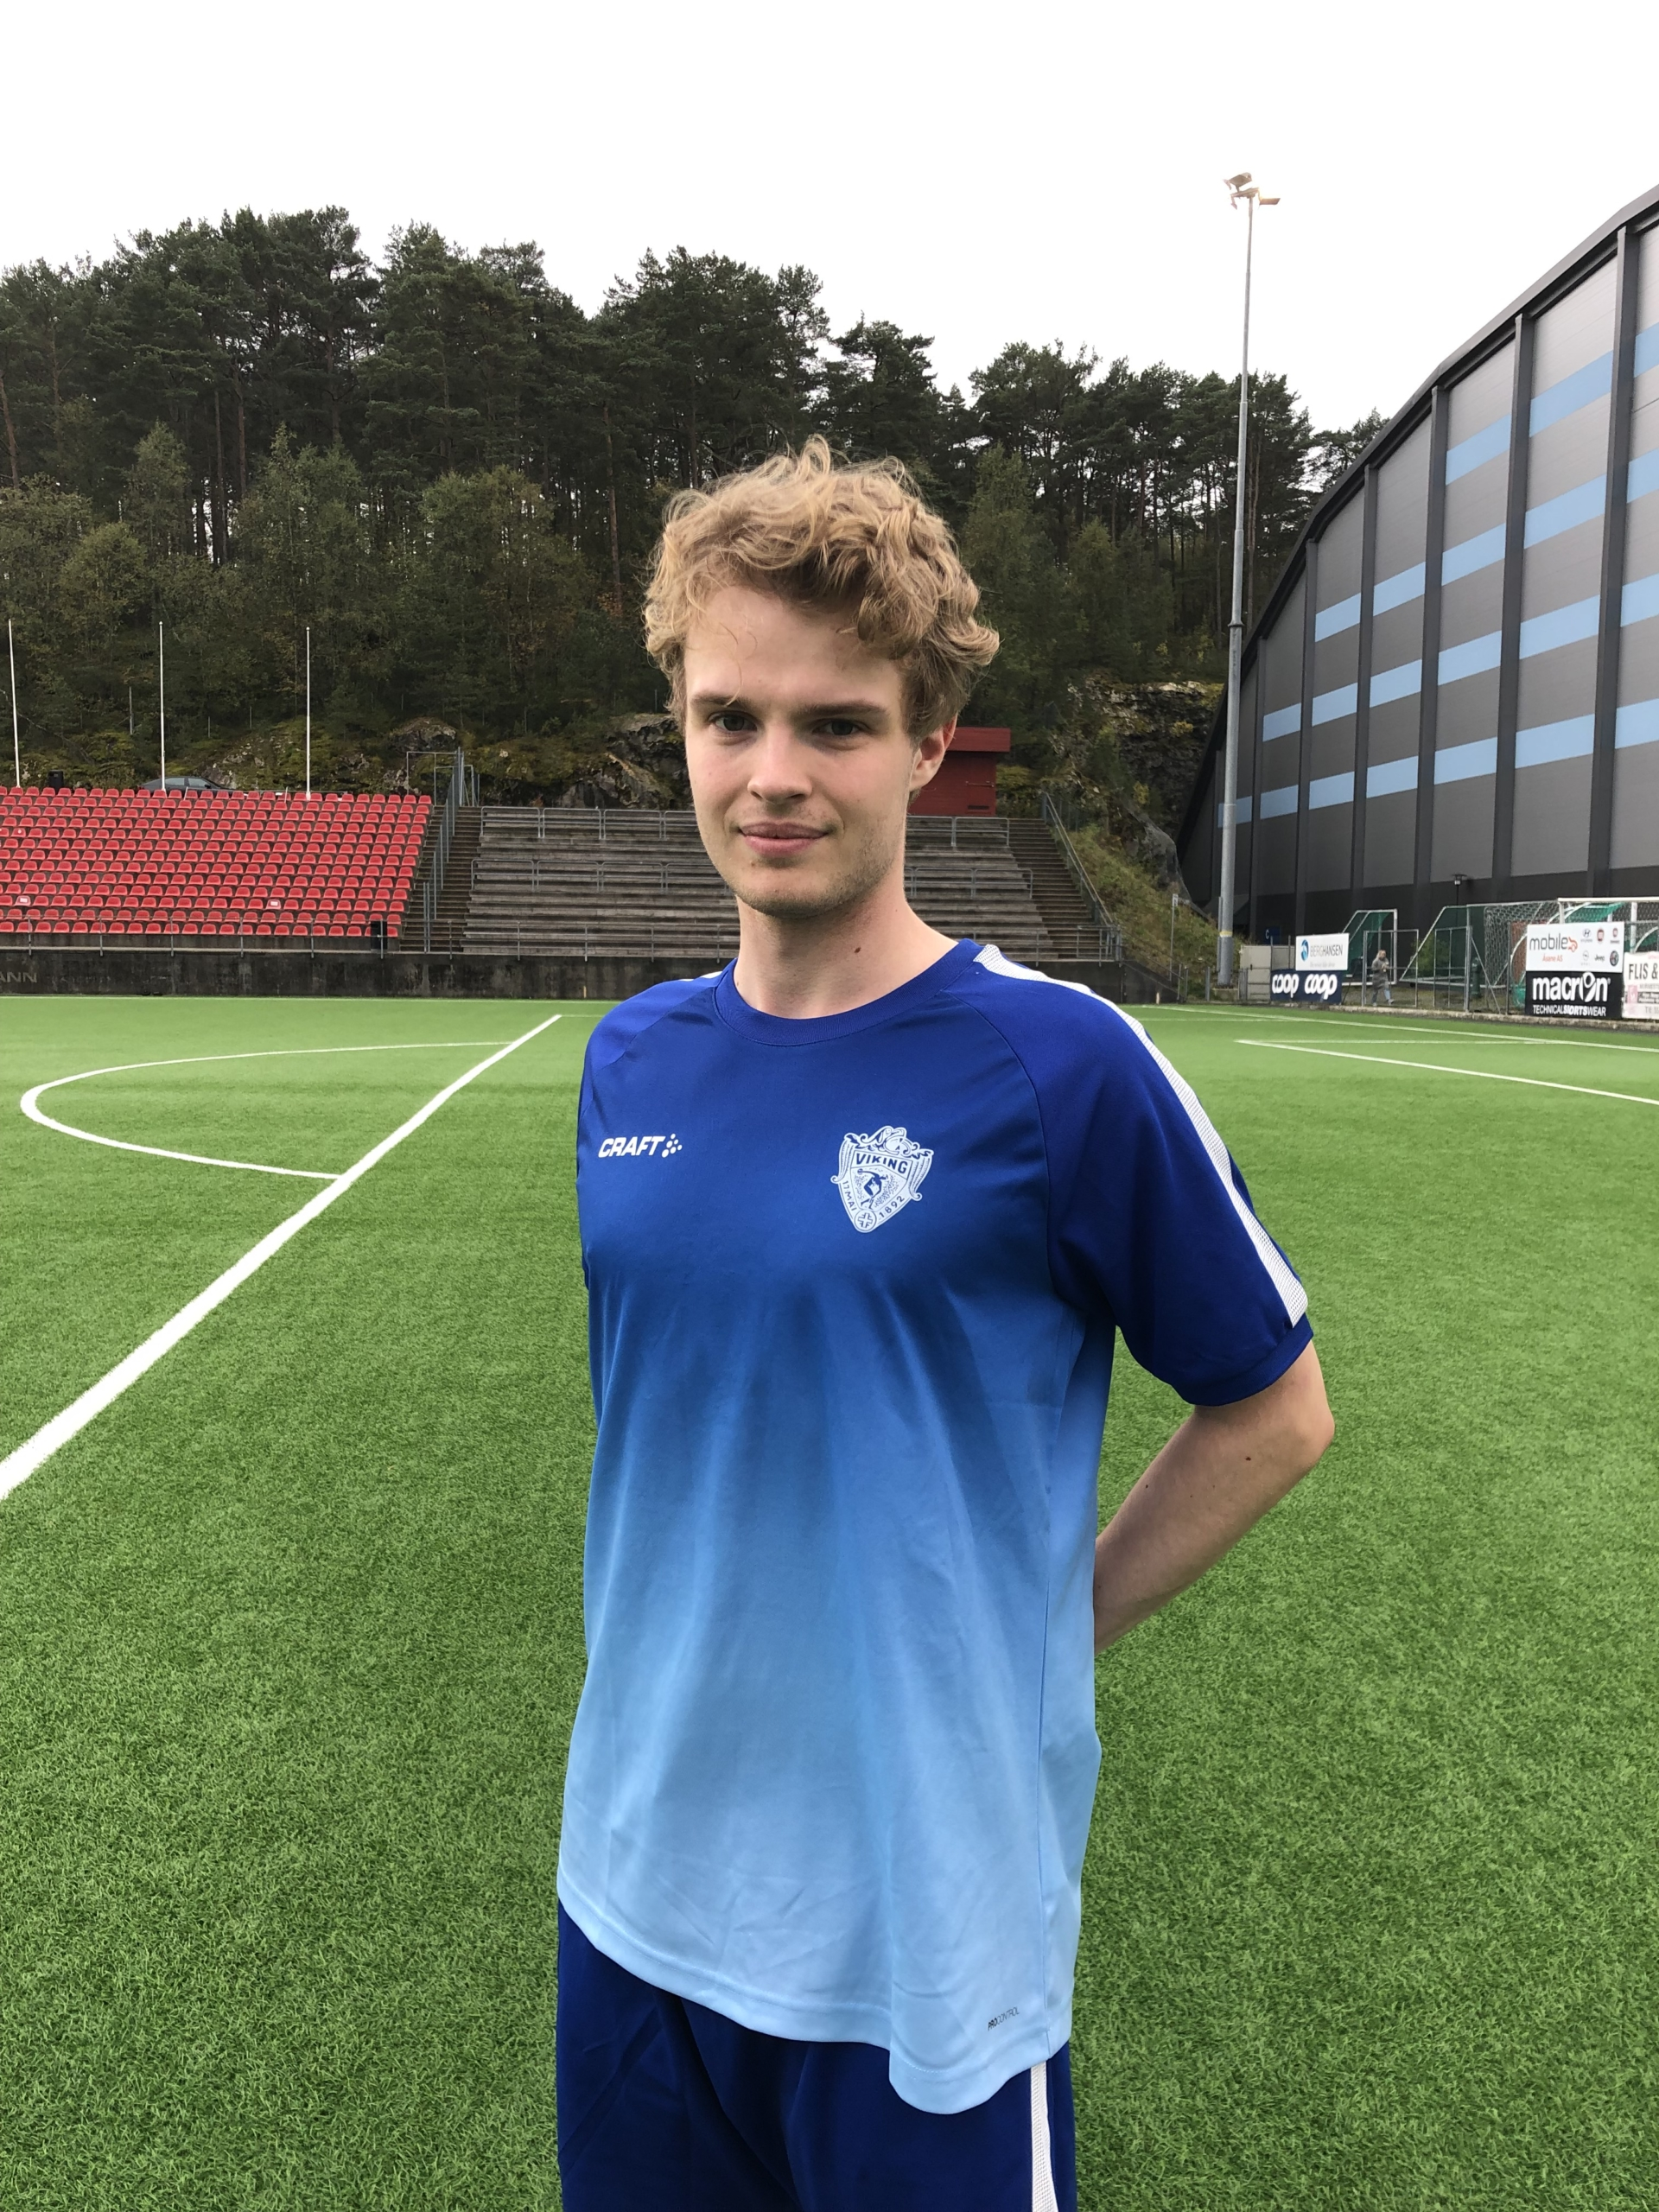 Nr. 11 Sander Nordhagen